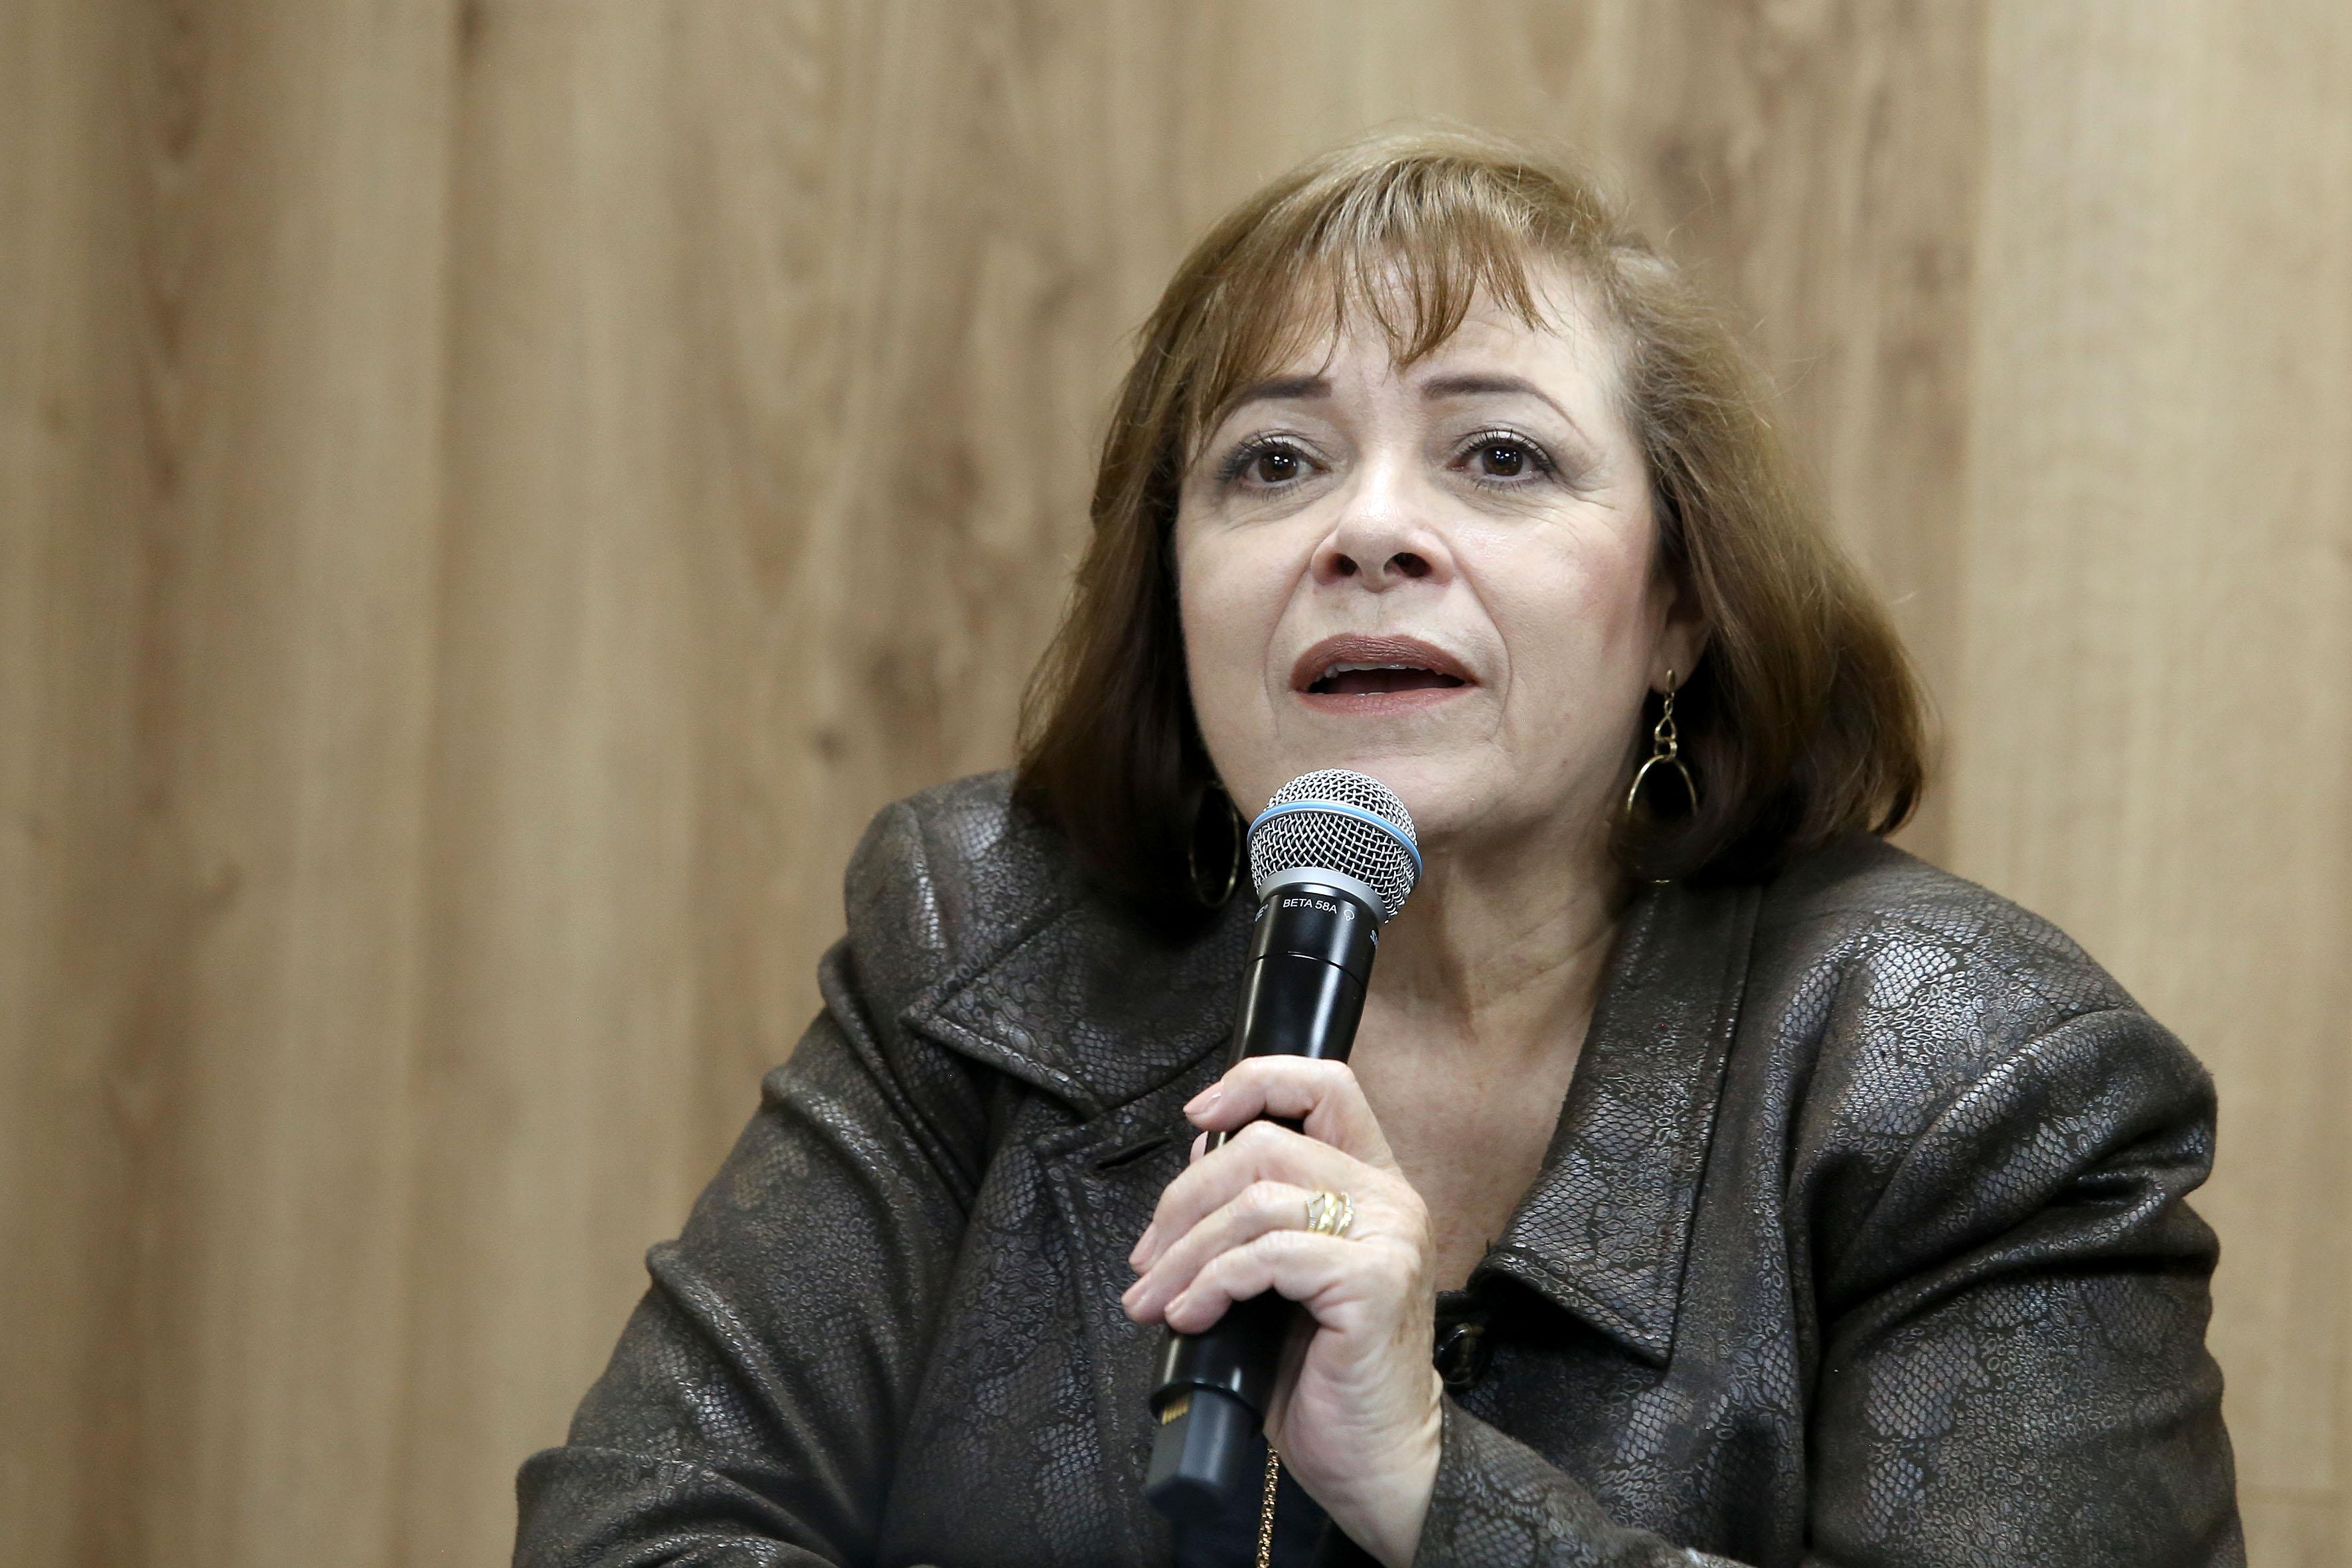 Especialista en Sexualidad al micrófono en la rueda de prensa